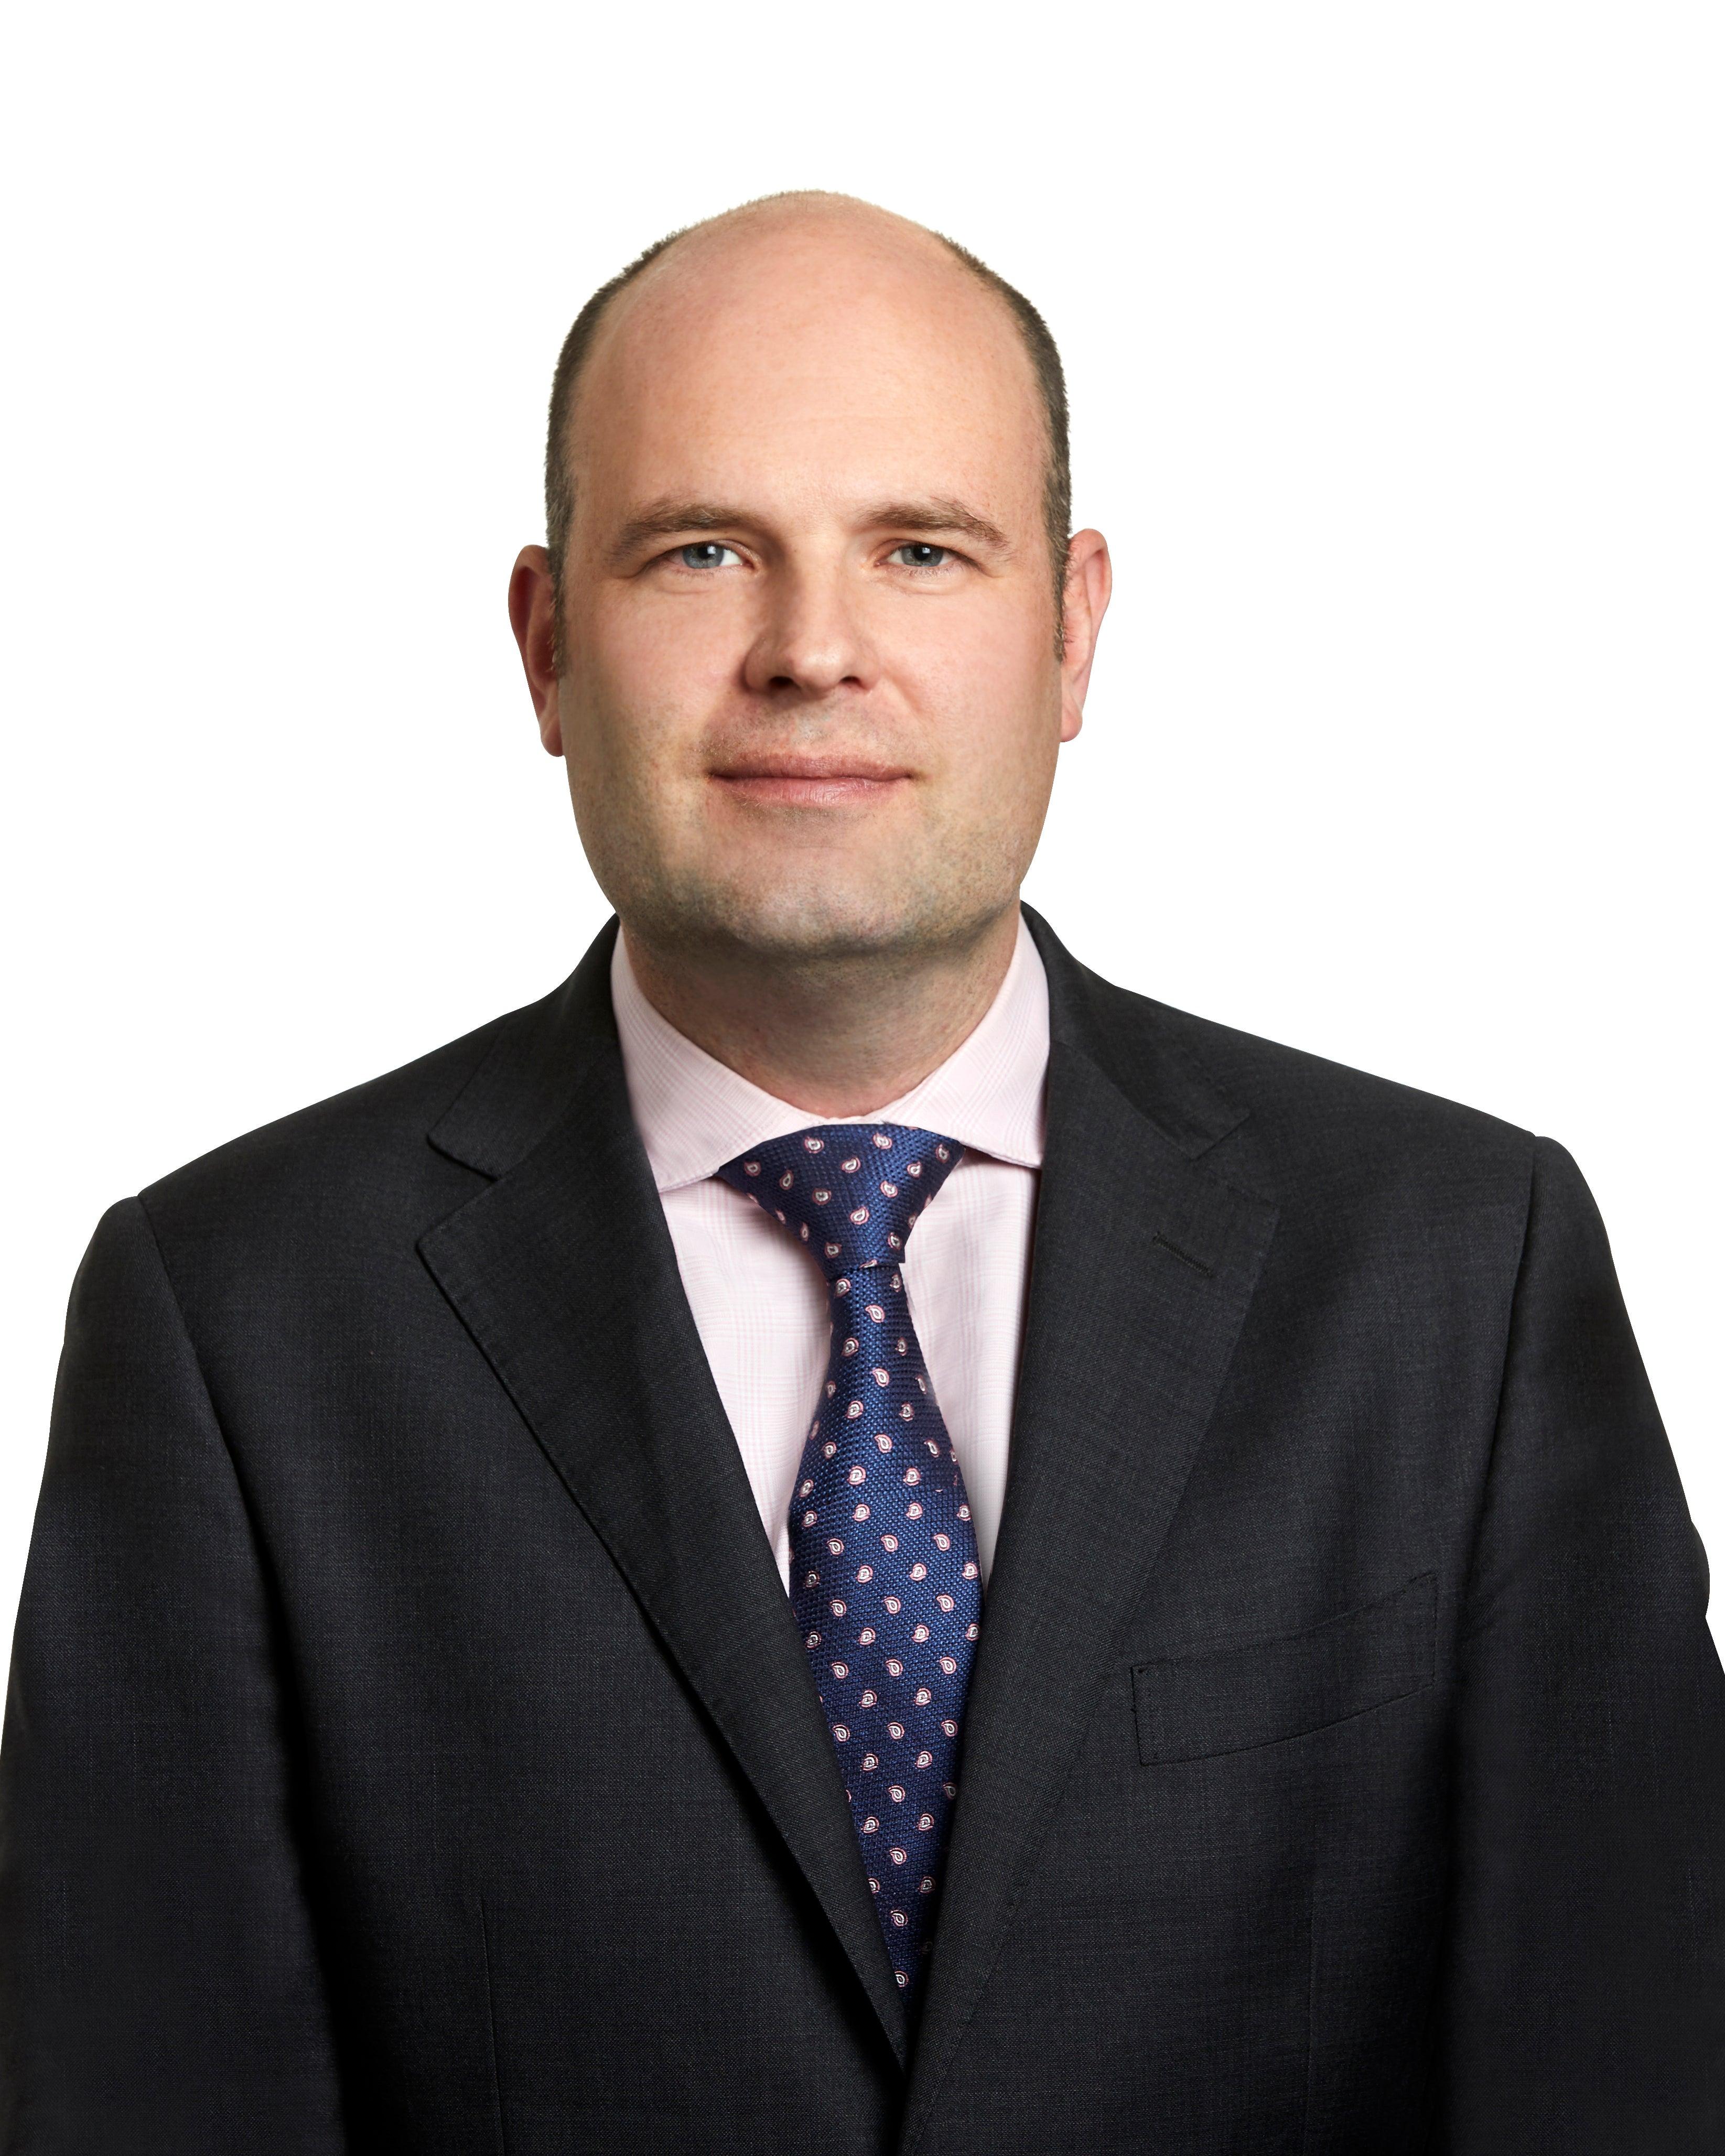 Scott Schlink